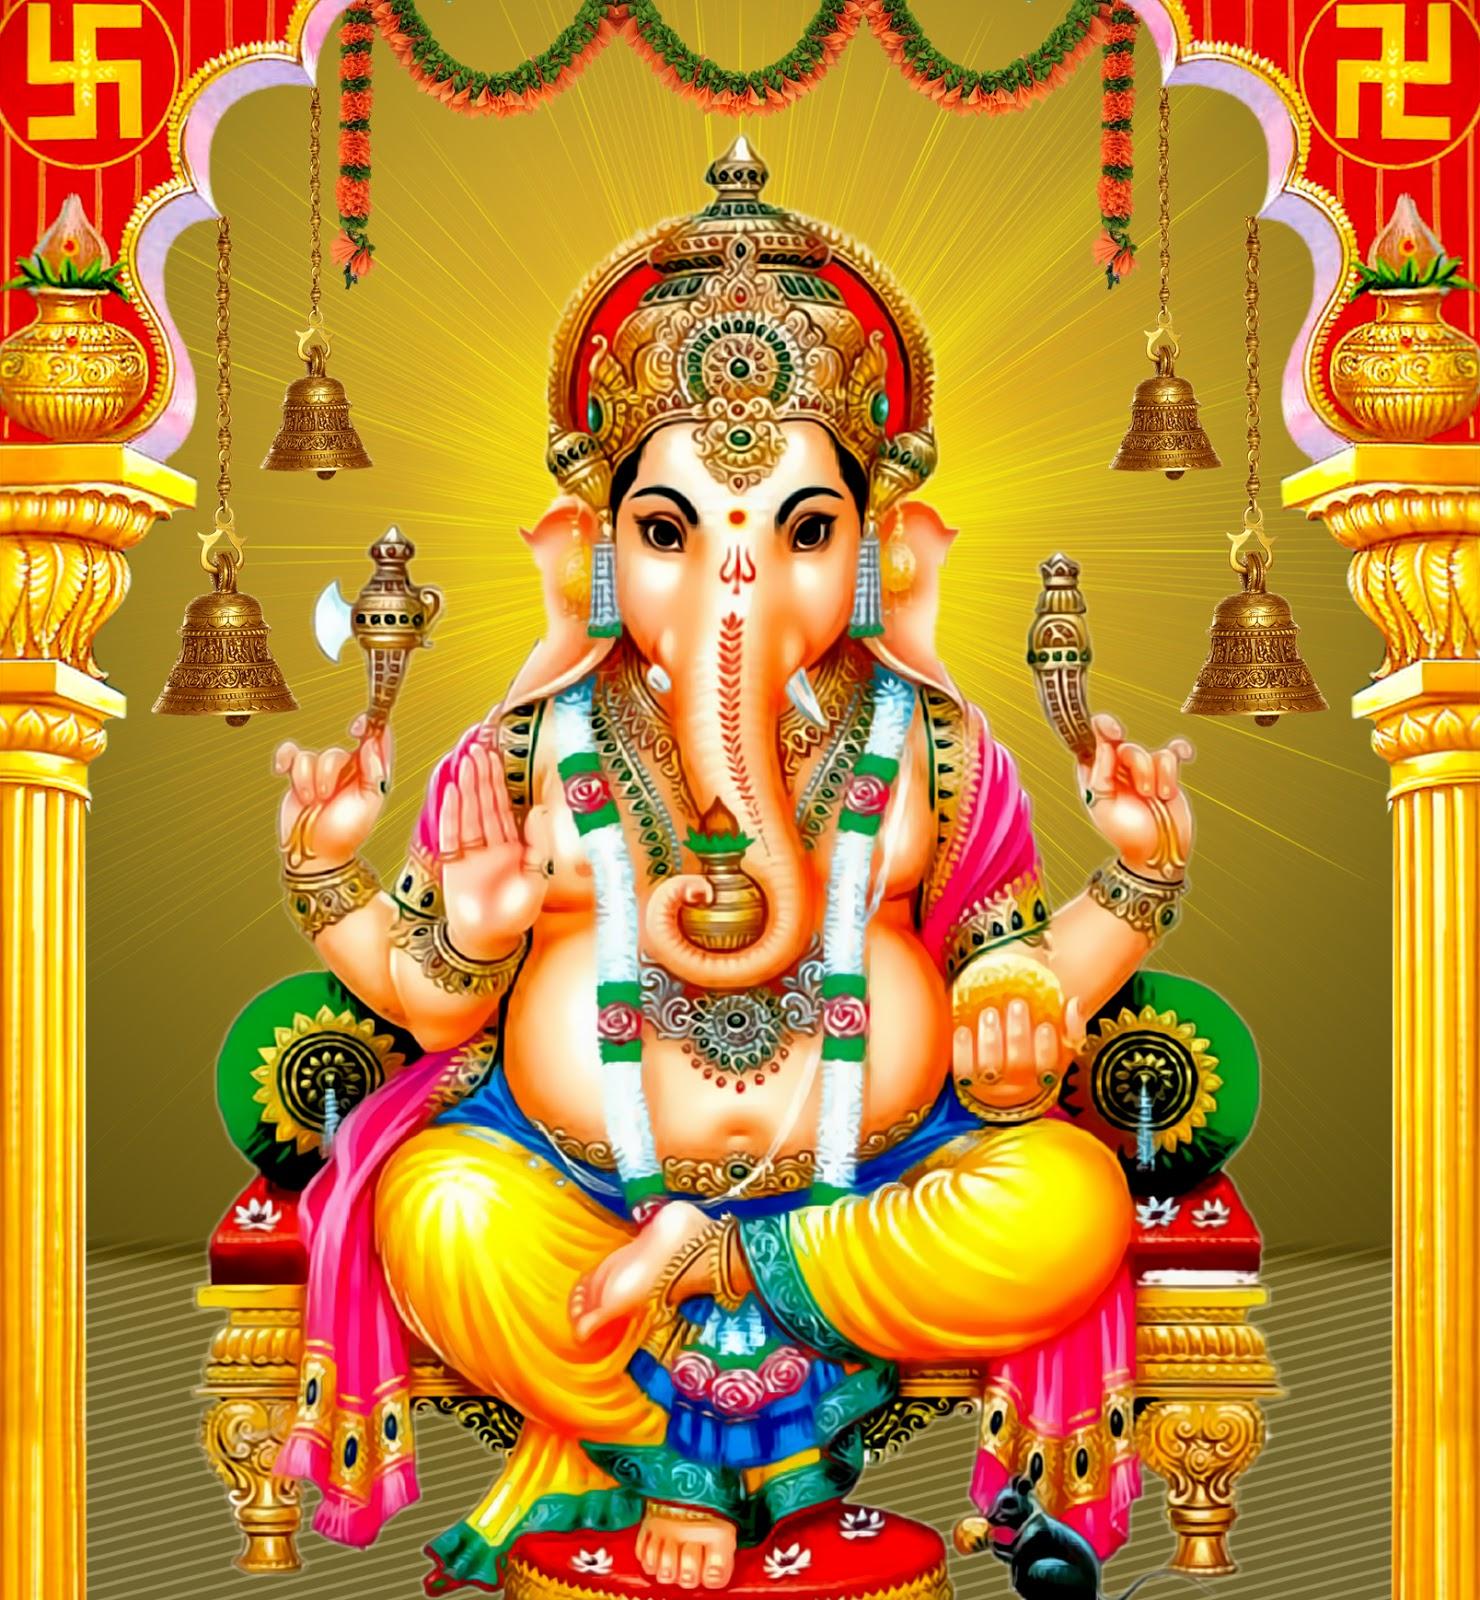 hindu-famous-god-vinayaka-HQ-pictures-of-lord-ganapathi02-naveengfx ...